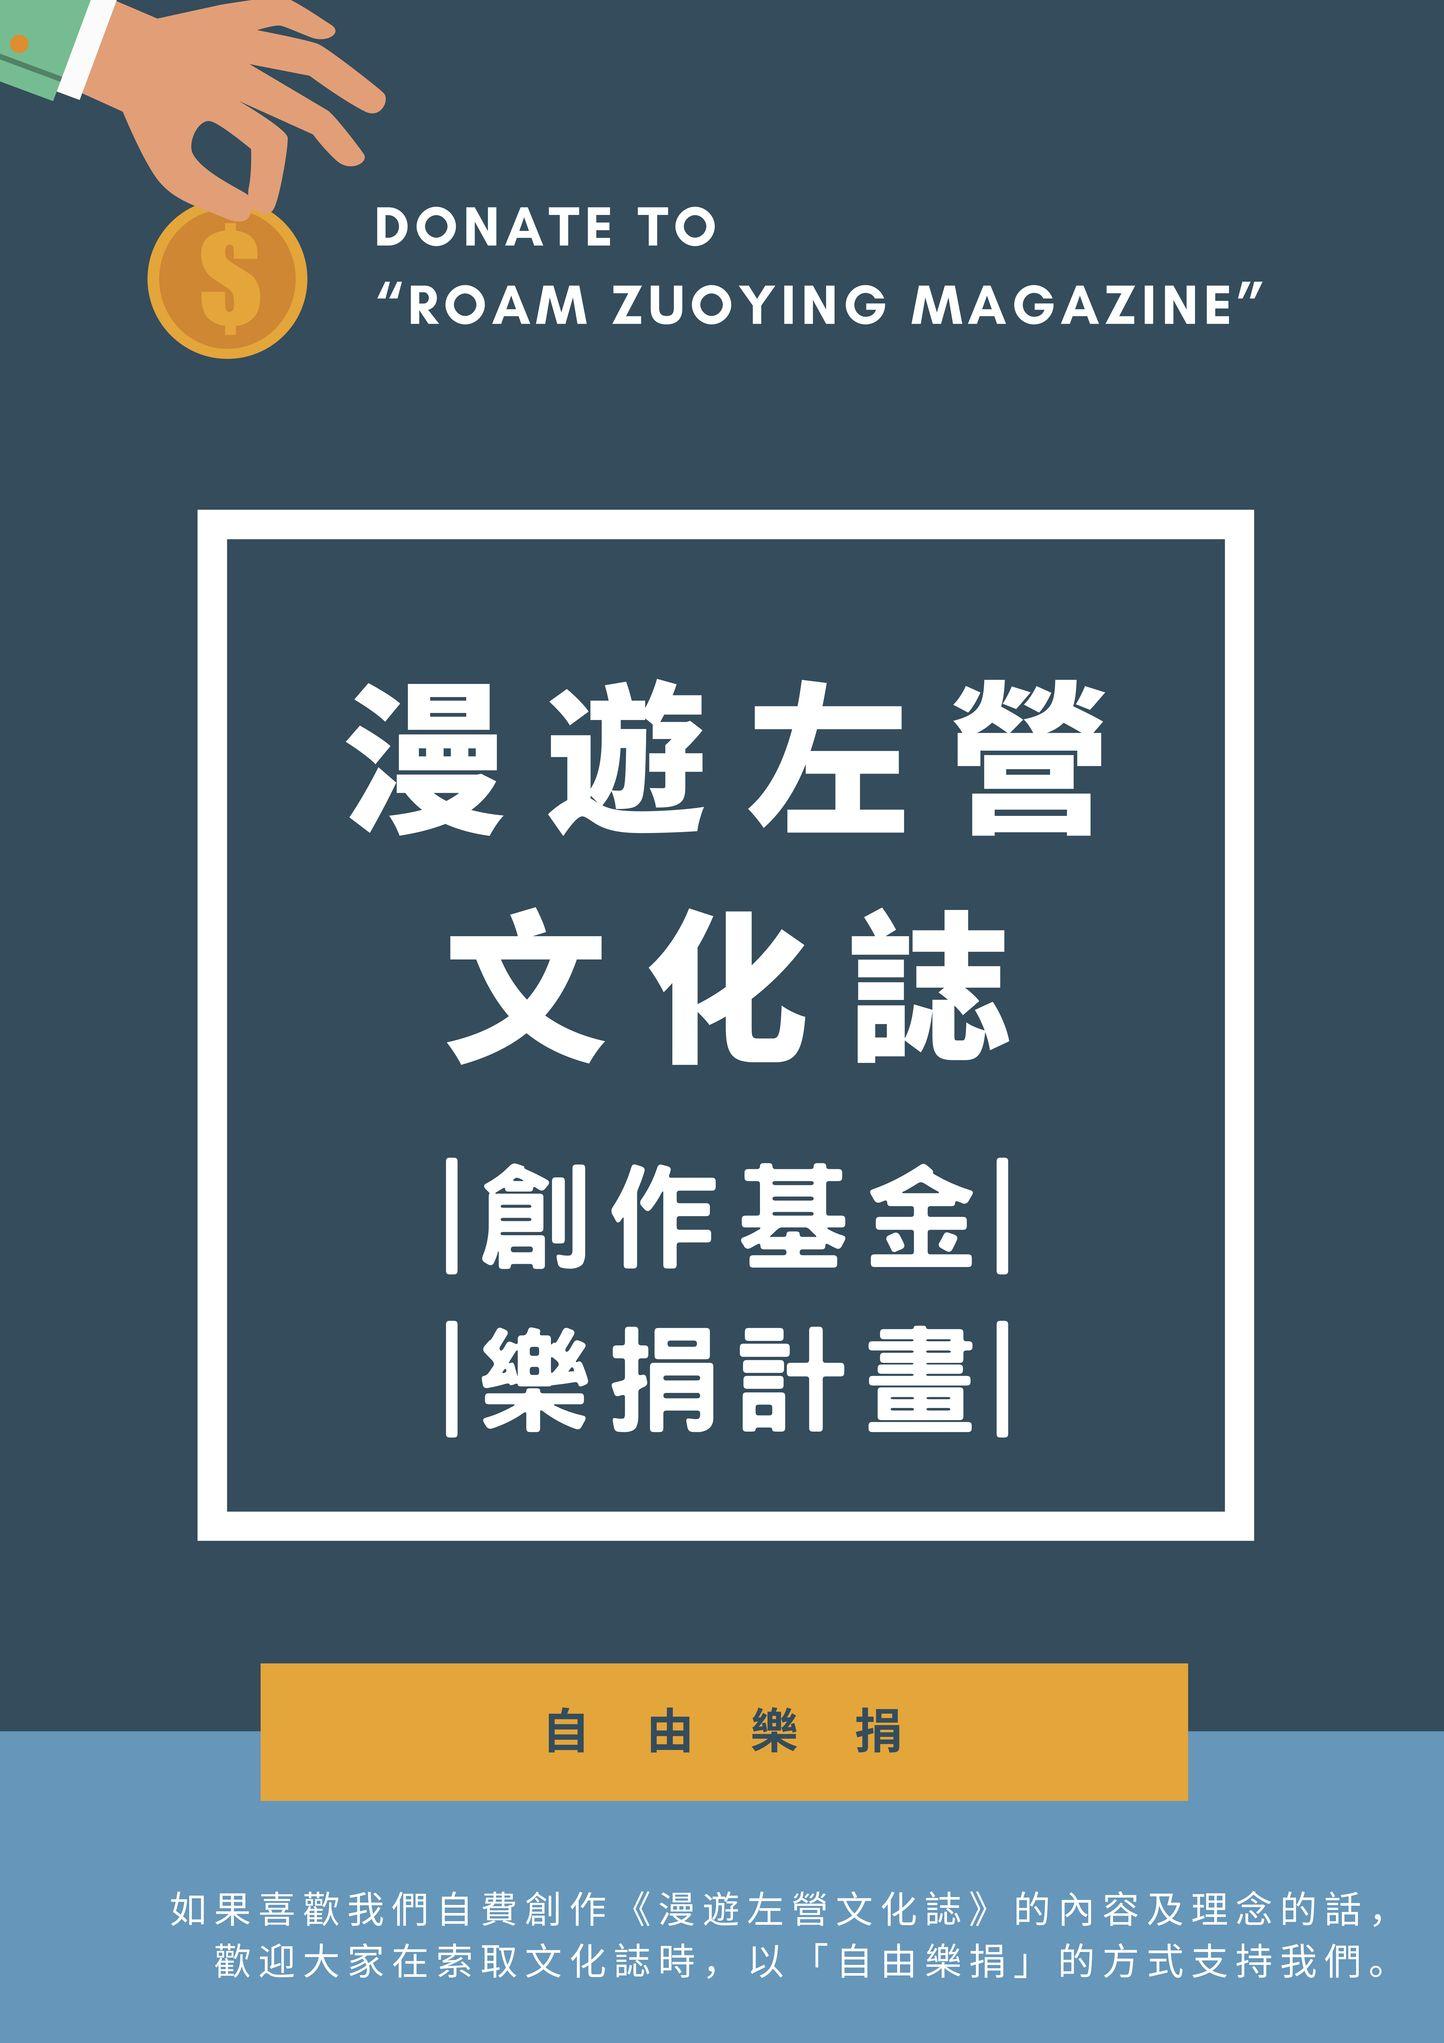 漫遊左營文化誌|自費出版&正式發表